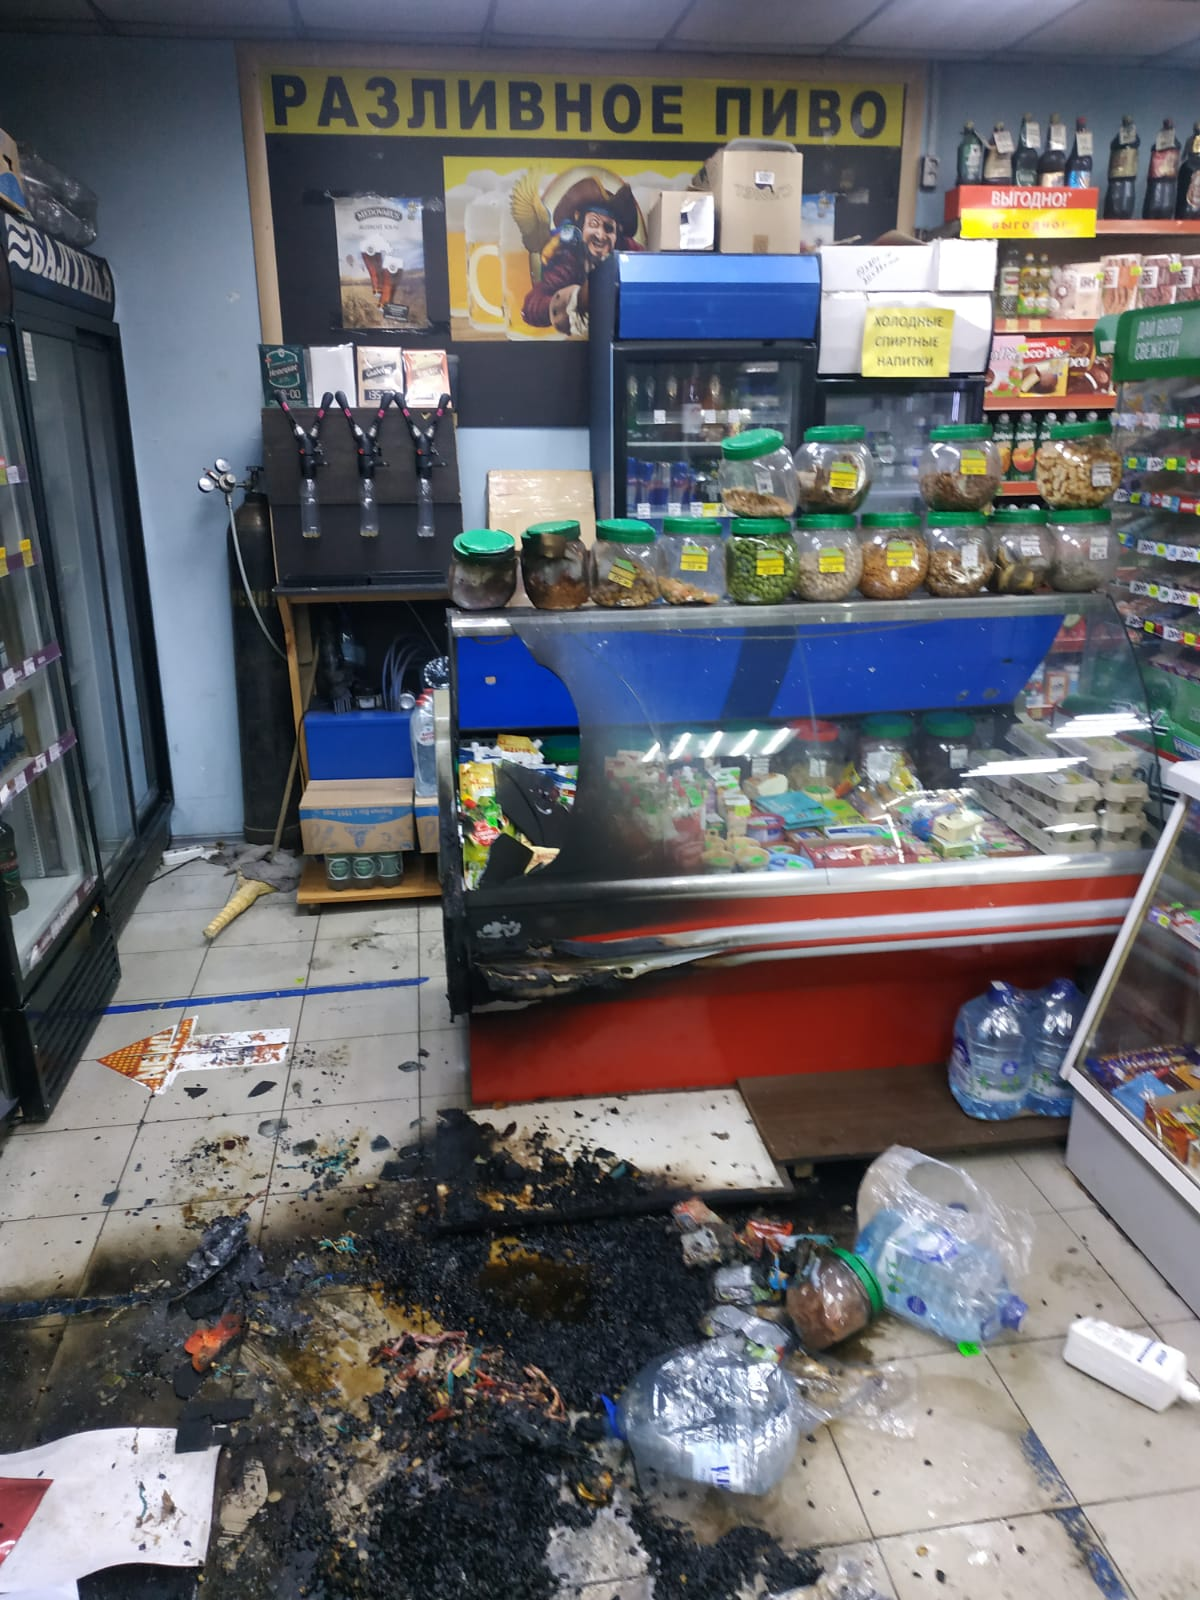 Магазин на Кондратьевском загорелся после манипуляций посетителя. МВД показывает последствия